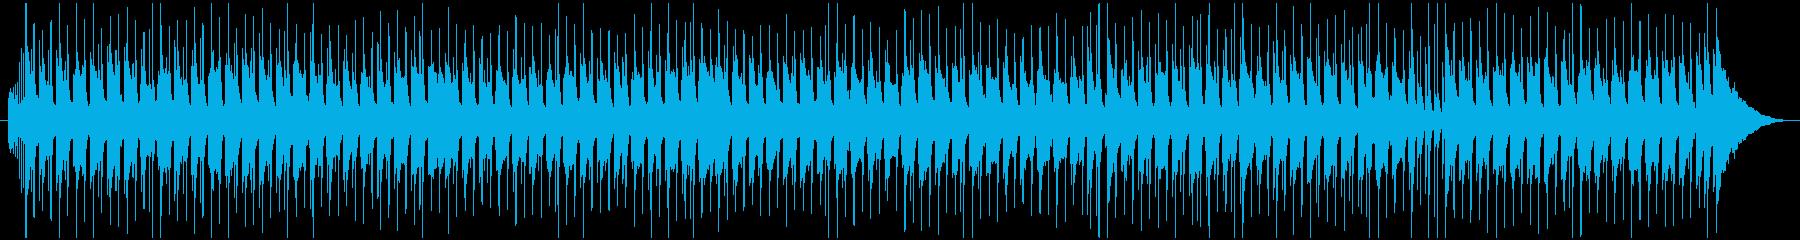 尺八と三味線でほのぼのした和風POPな曲の再生済みの波形